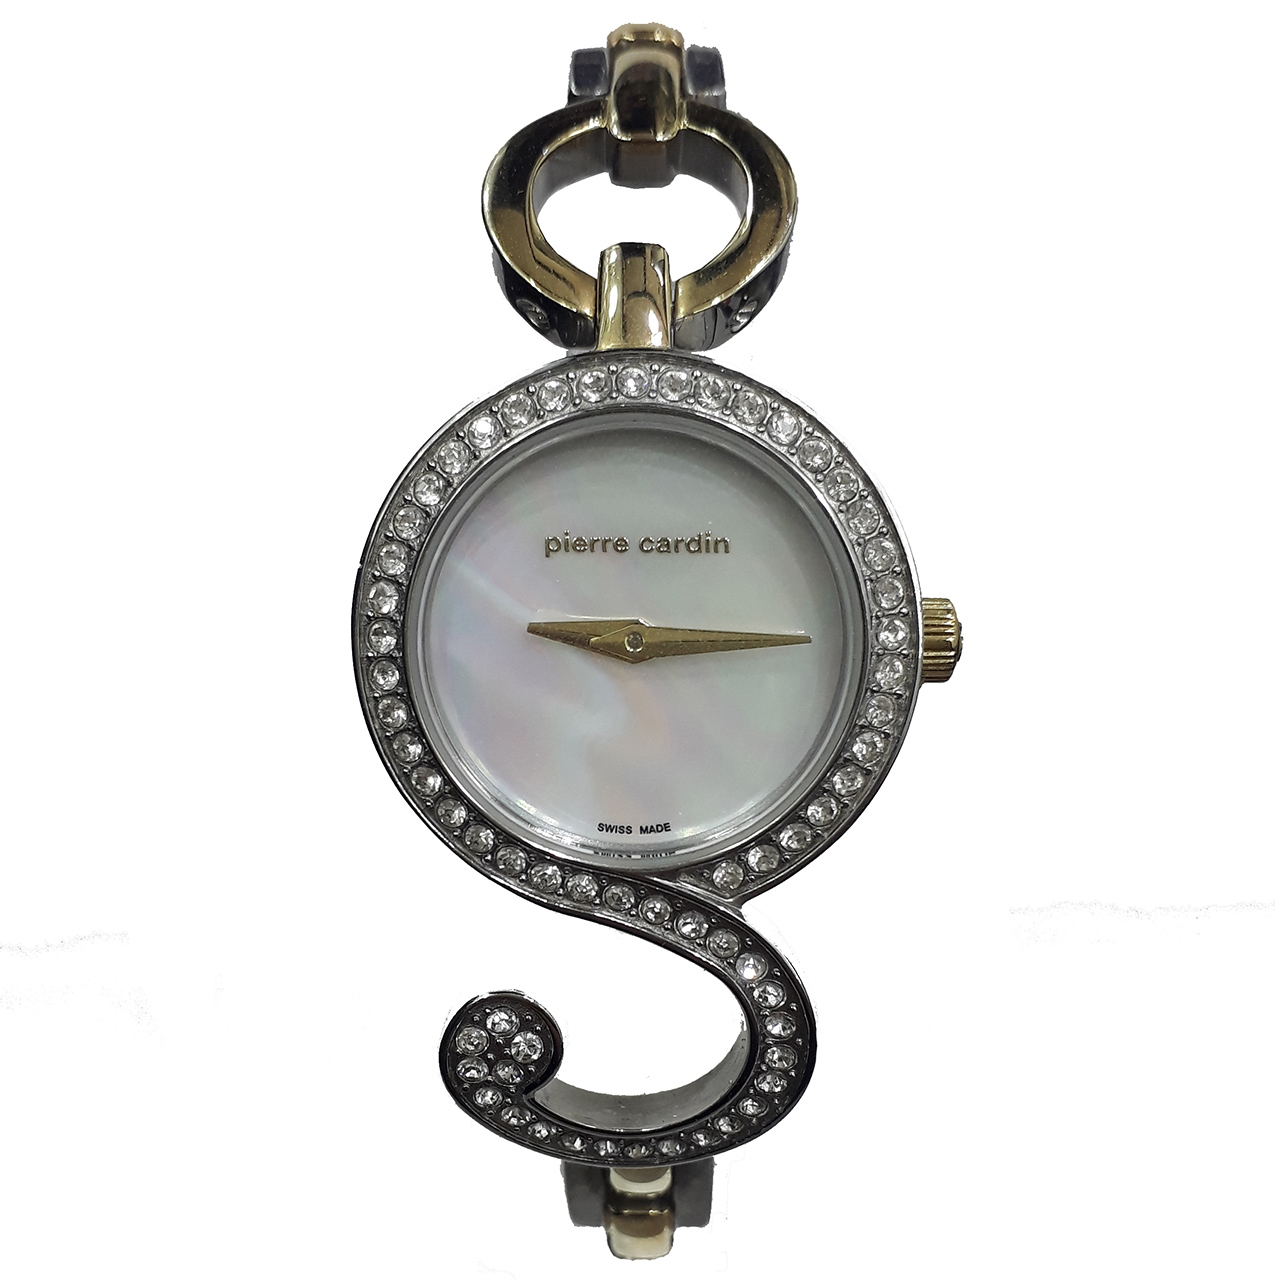 ساعت مچی عقربه ای زنانه پیر کاردین مدل PC107052S02 52